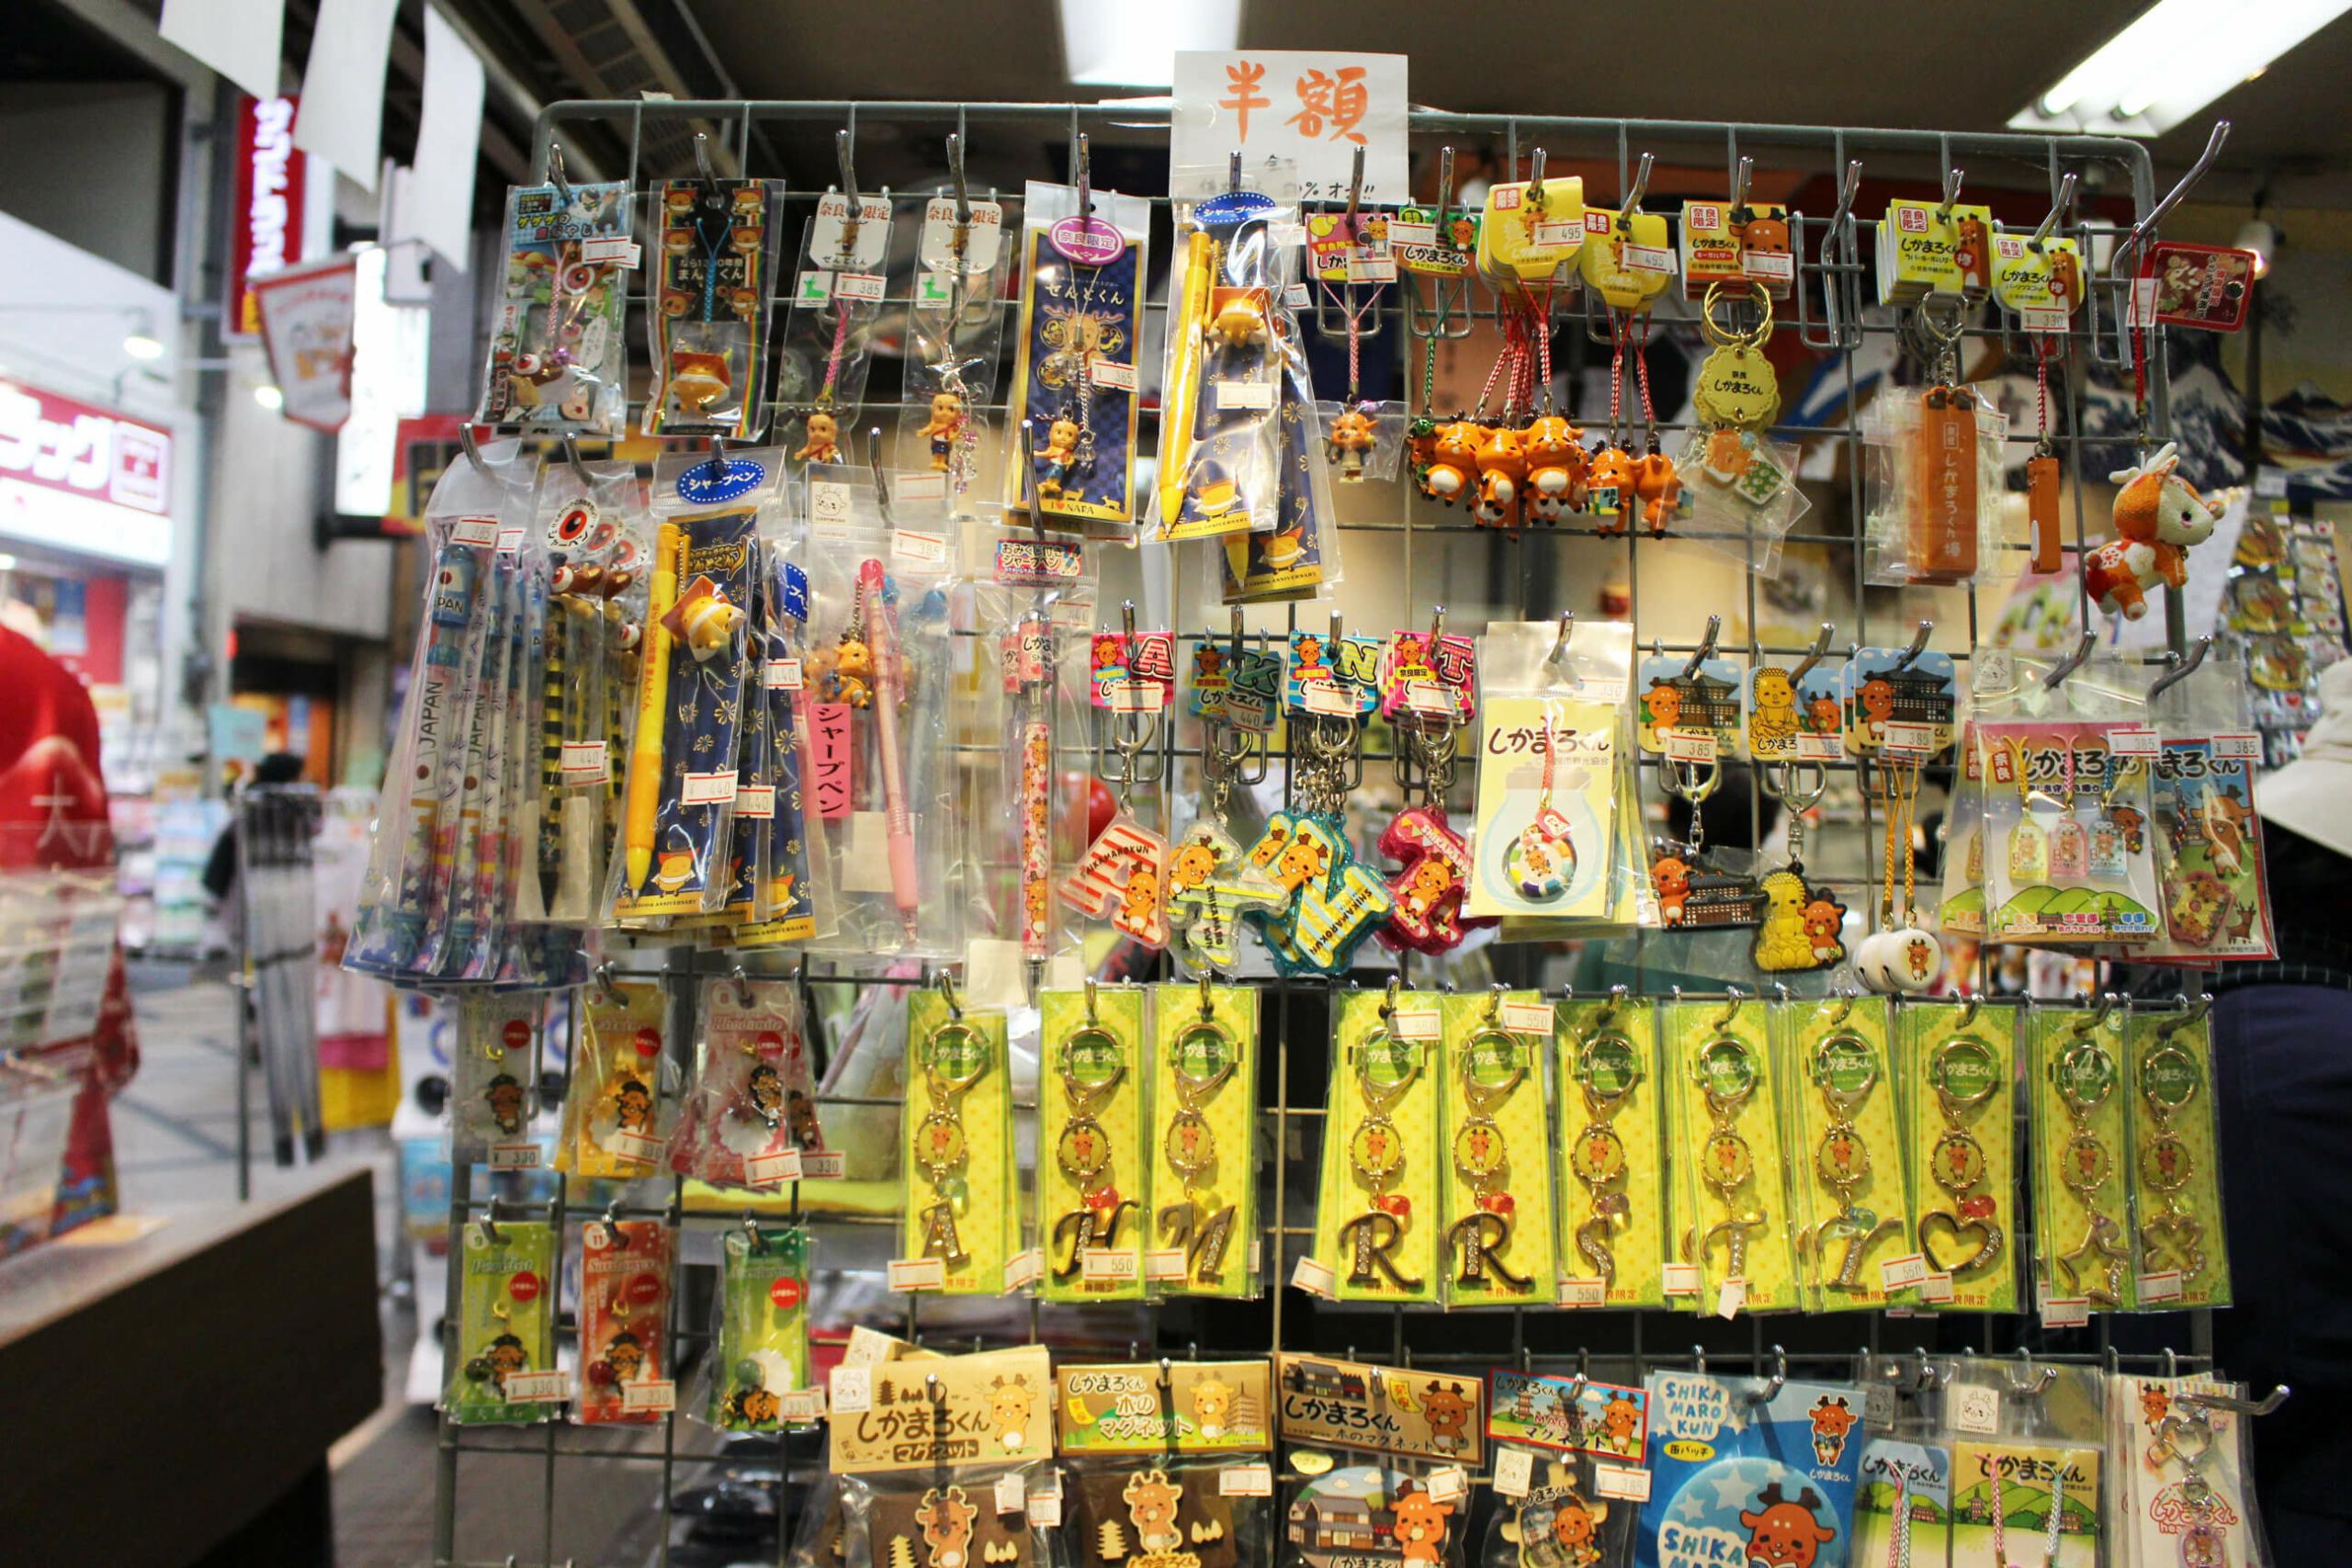 奈良市観光協会公式ゆるキャラ「しかまろくん」グッズの種類が豊富なことで知られていた